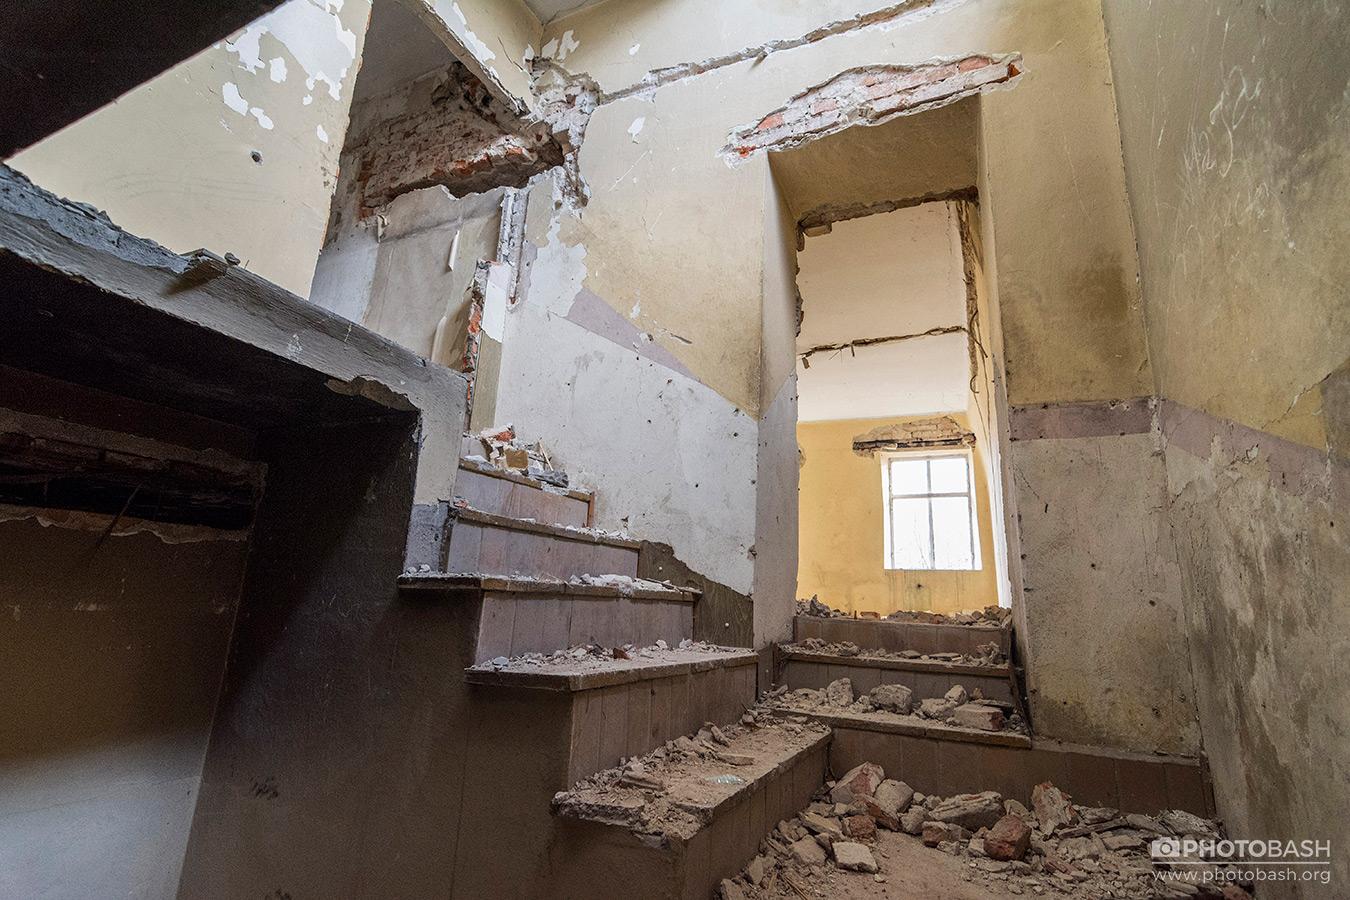 Abandoned-Interiors-Derelict-Doorway.jpg